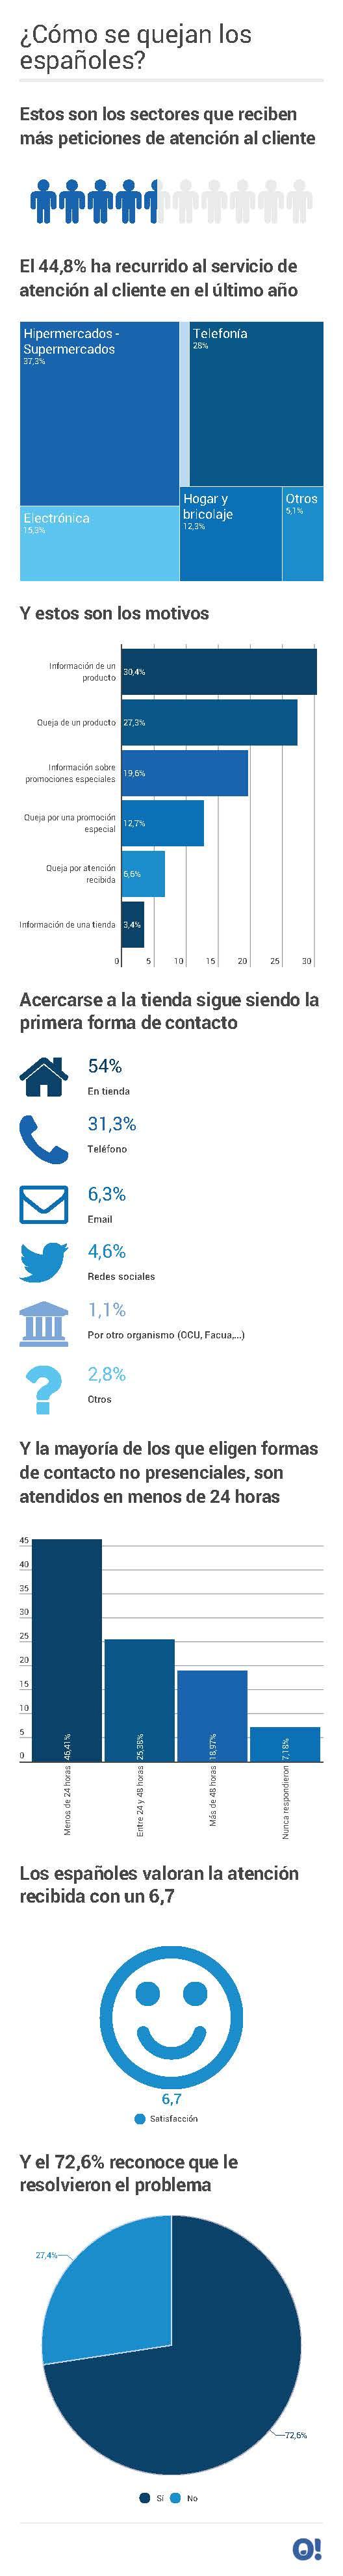 Infografia_Dia_de_los_derechos_del_consumidor (1)